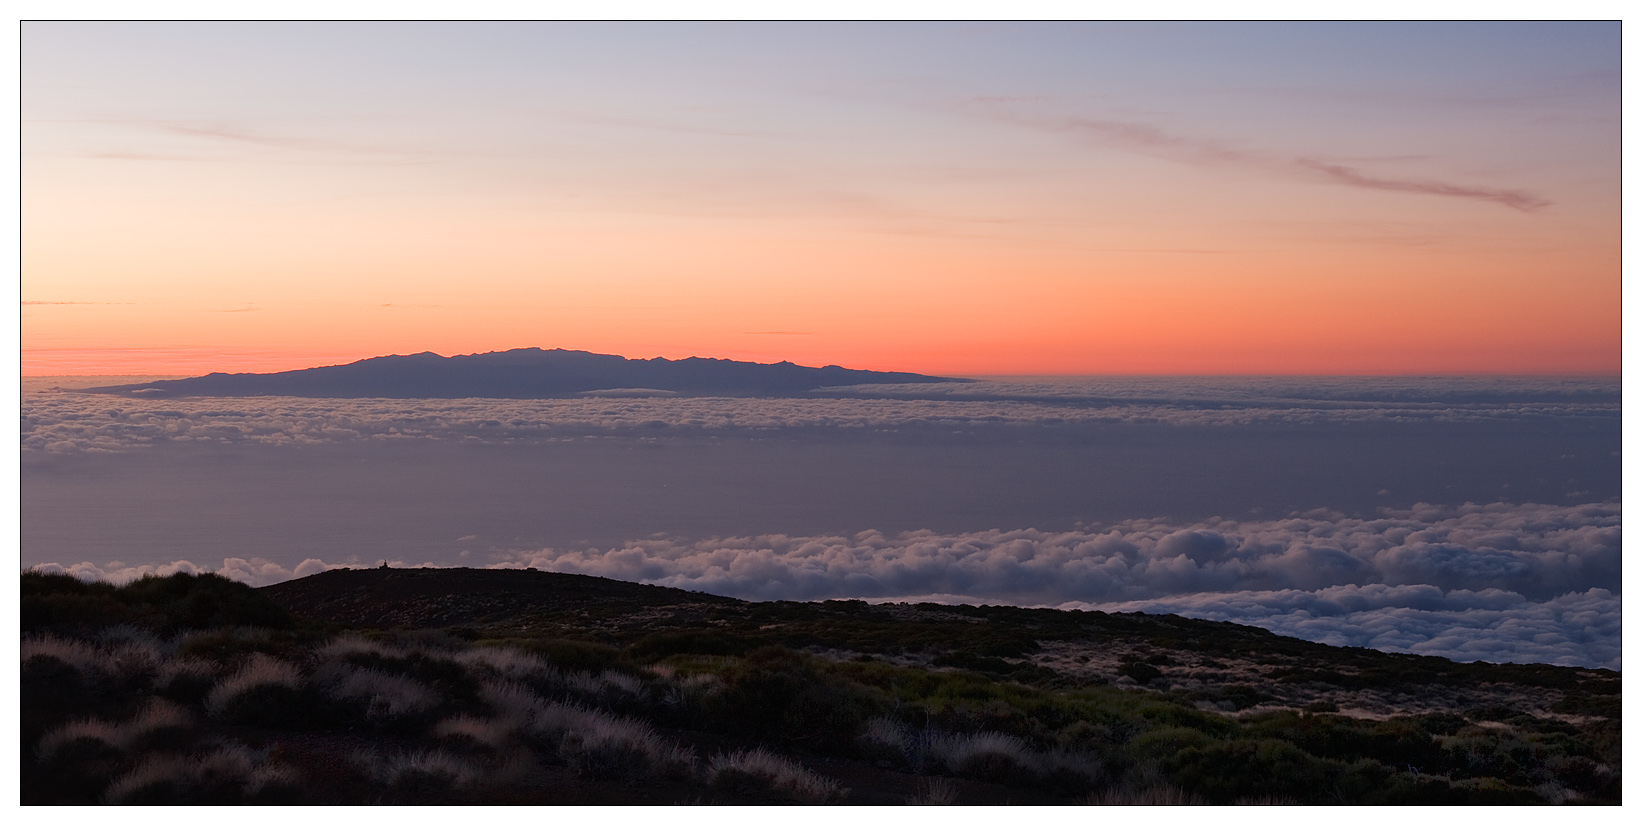 В 1954 году на территории Кальдеры Лас Каньядас был создан Национальный парк дикой природы Тейде. Площадь парка 14 тыс. га, это самый большой заповедник Тенерифе и всех Канарских островов. В 2007 году национальный парк Тейде был объявлен ЮНЕСКО объектом, имеющим всемирное значение.